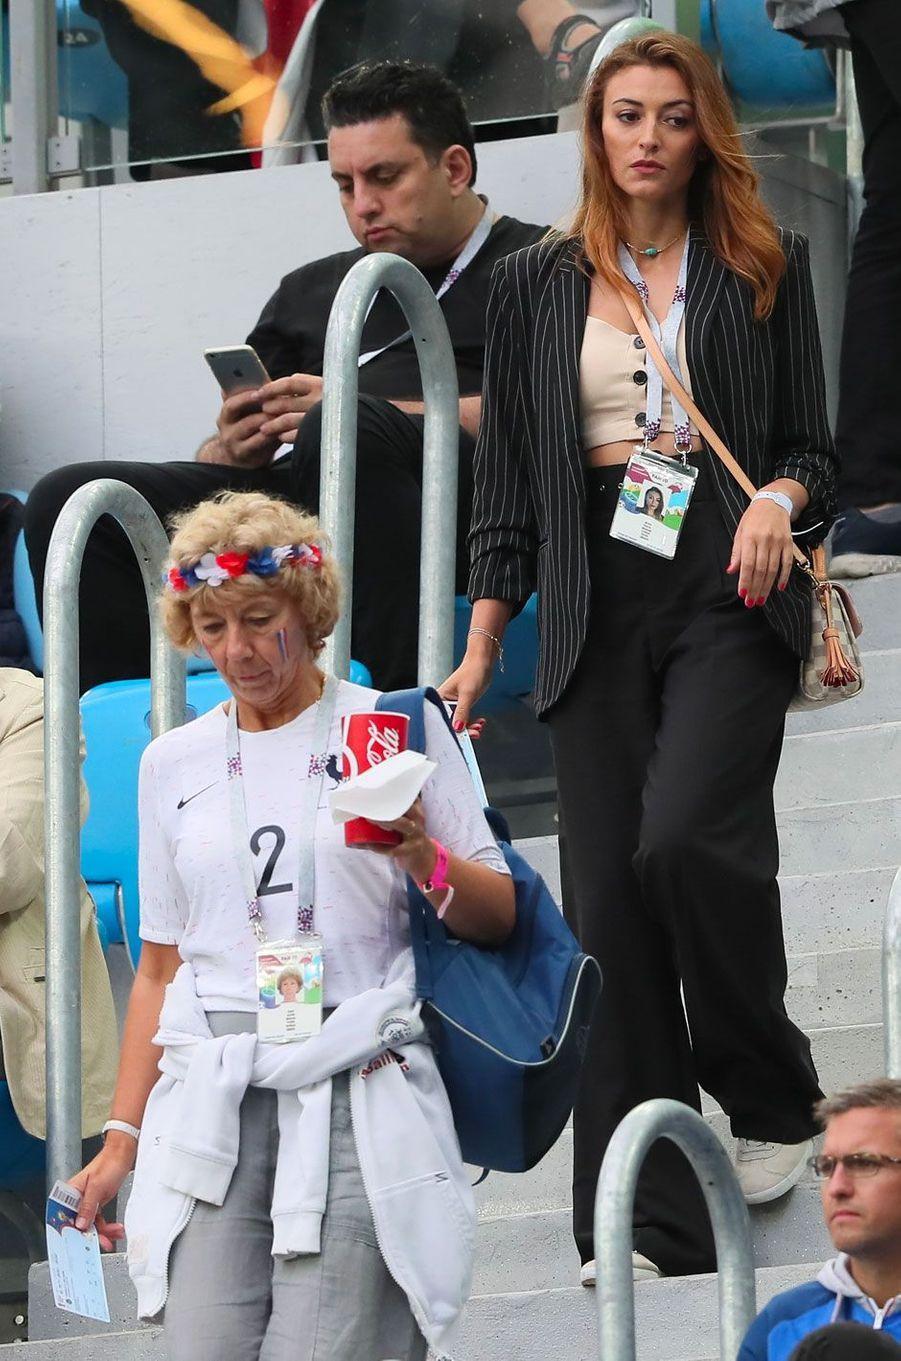 Rachel Legrain-Trapani et Nathalie, la mère de Benjamin Pavard lors de la demi-finale de la coupe du monde (France-Belgique) à Saint-Pétersbourg le 10 juillet 2018